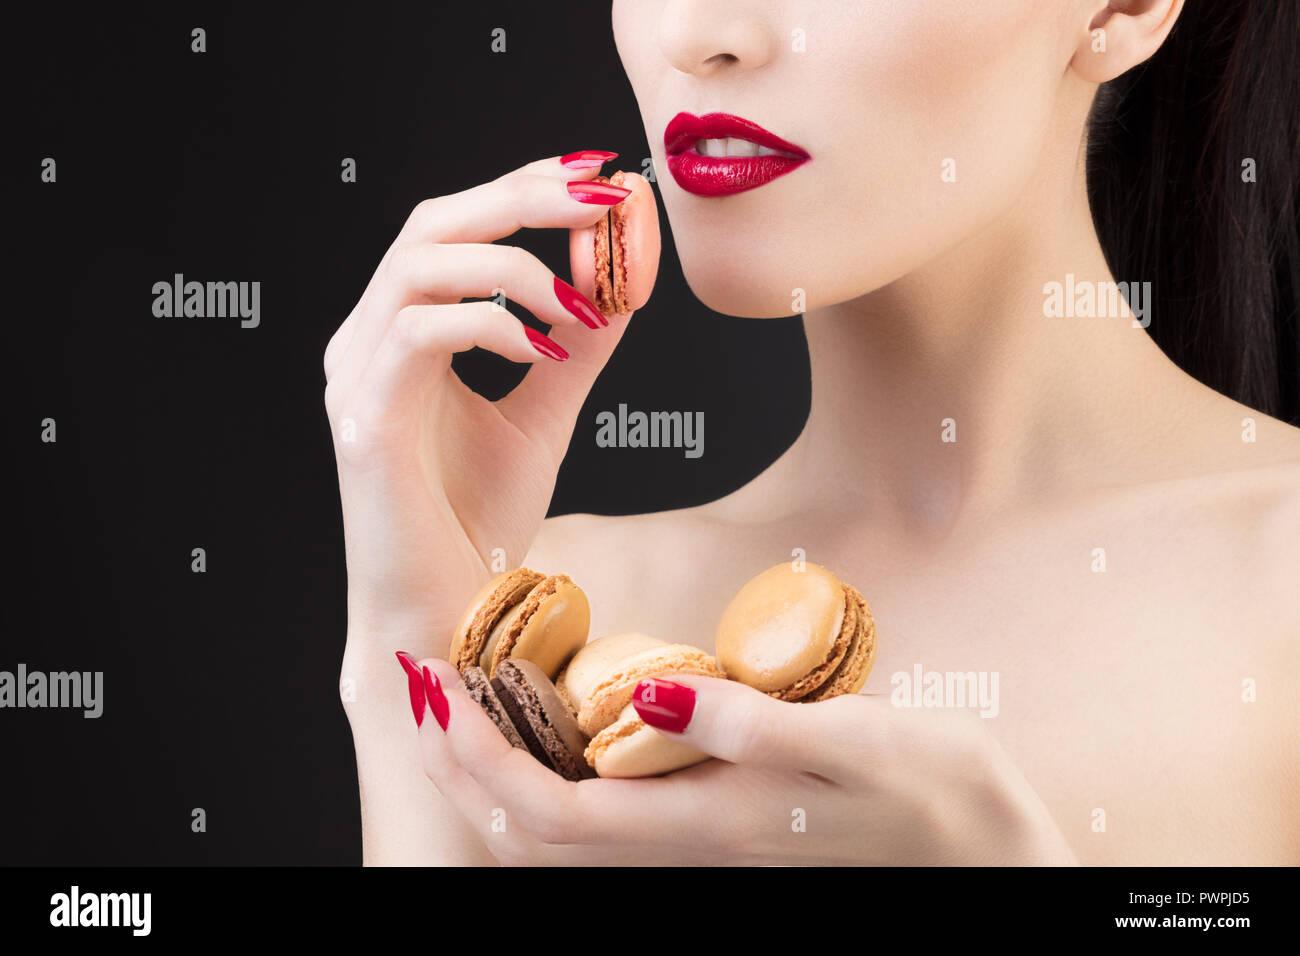 Gros plan d'une jeune fille d'un macaron Photo Stock